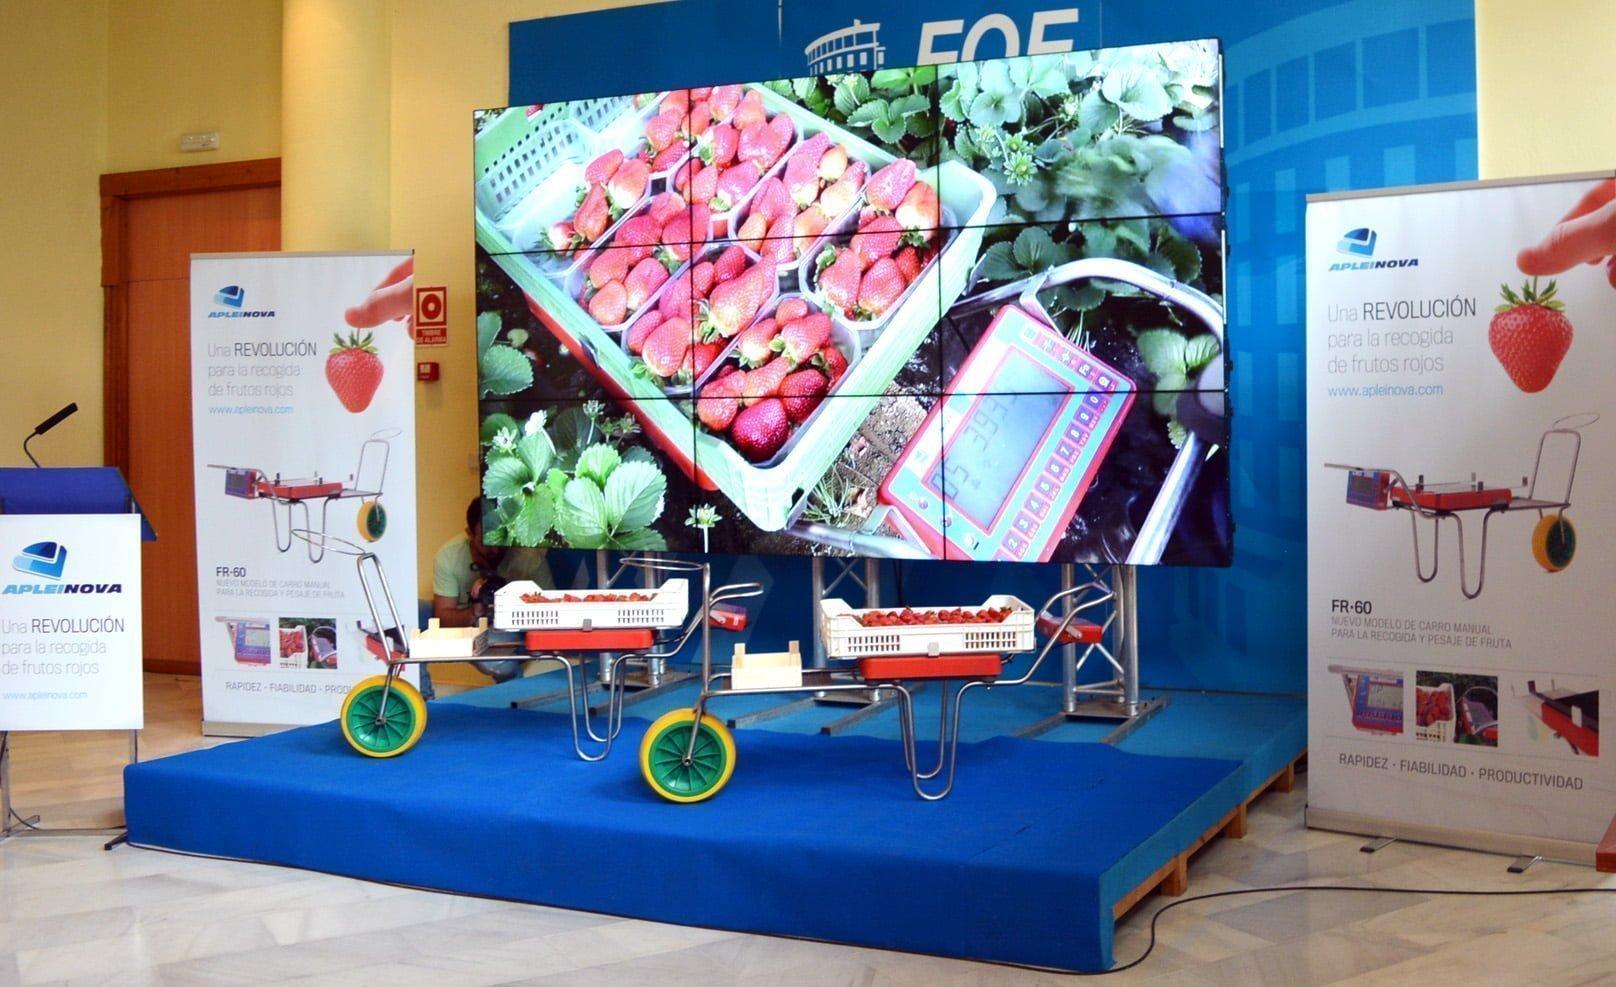 El nuevo sistema manual, con plataforma de recogida y pesaje de fruta